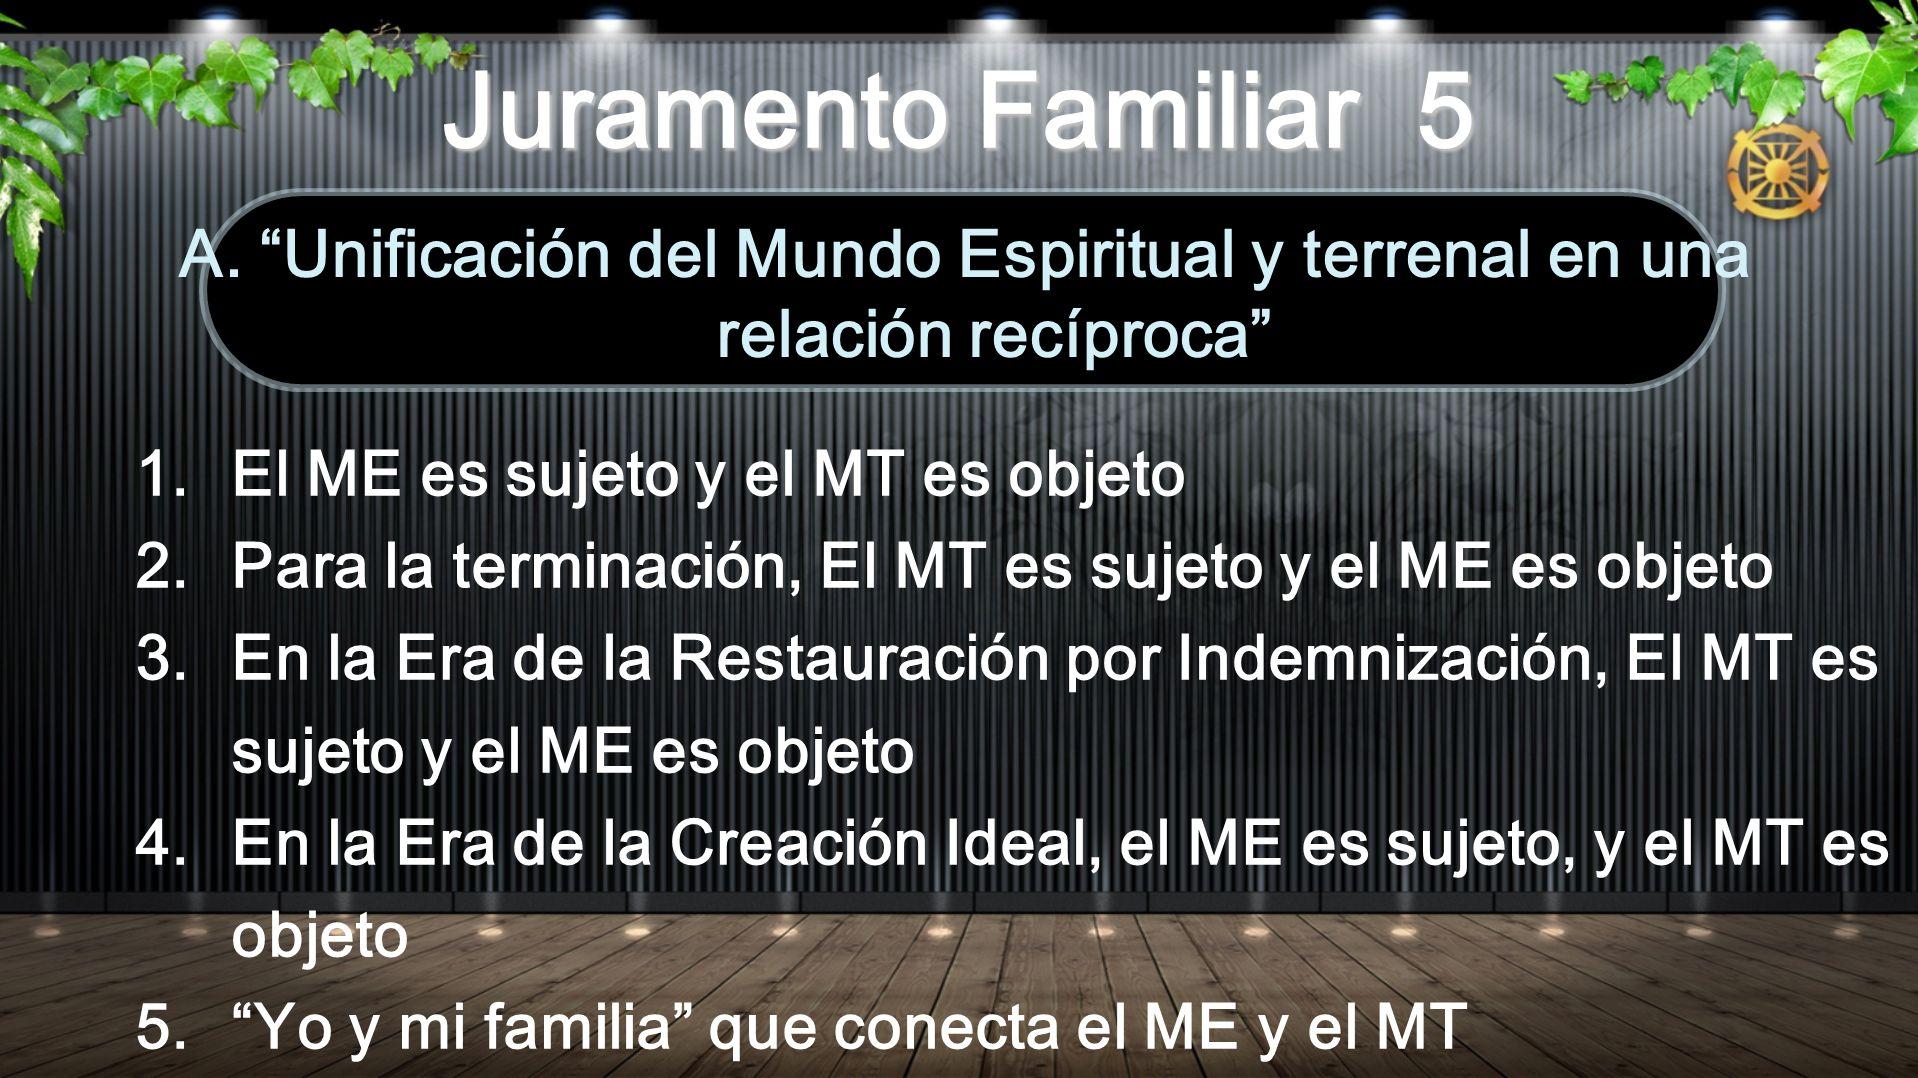 1.El ME es sujeto y el MT es objeto 2.Para la terminación, El MT es sujeto y el ME es objeto 3.En la Era de la Restauración por Indemnización, El MT es sujeto y el ME es objeto 4.En la Era de la Creación Ideal, el ME es sujeto, y el MT es objeto 5.Yo y mi familia que conecta el ME y el MT A.